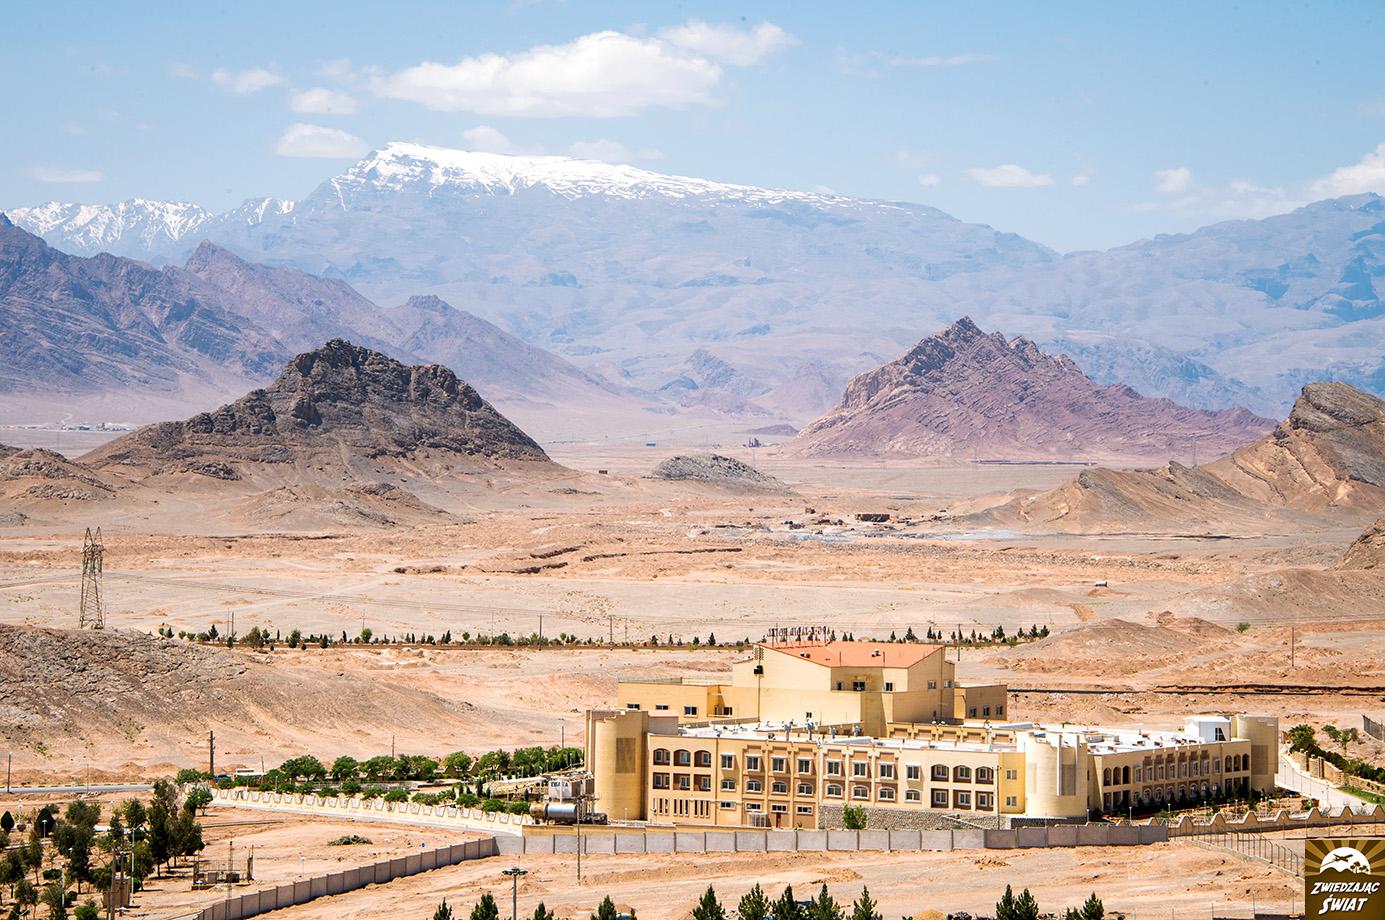 okolica Wież Milczenia, Jazd, Iran